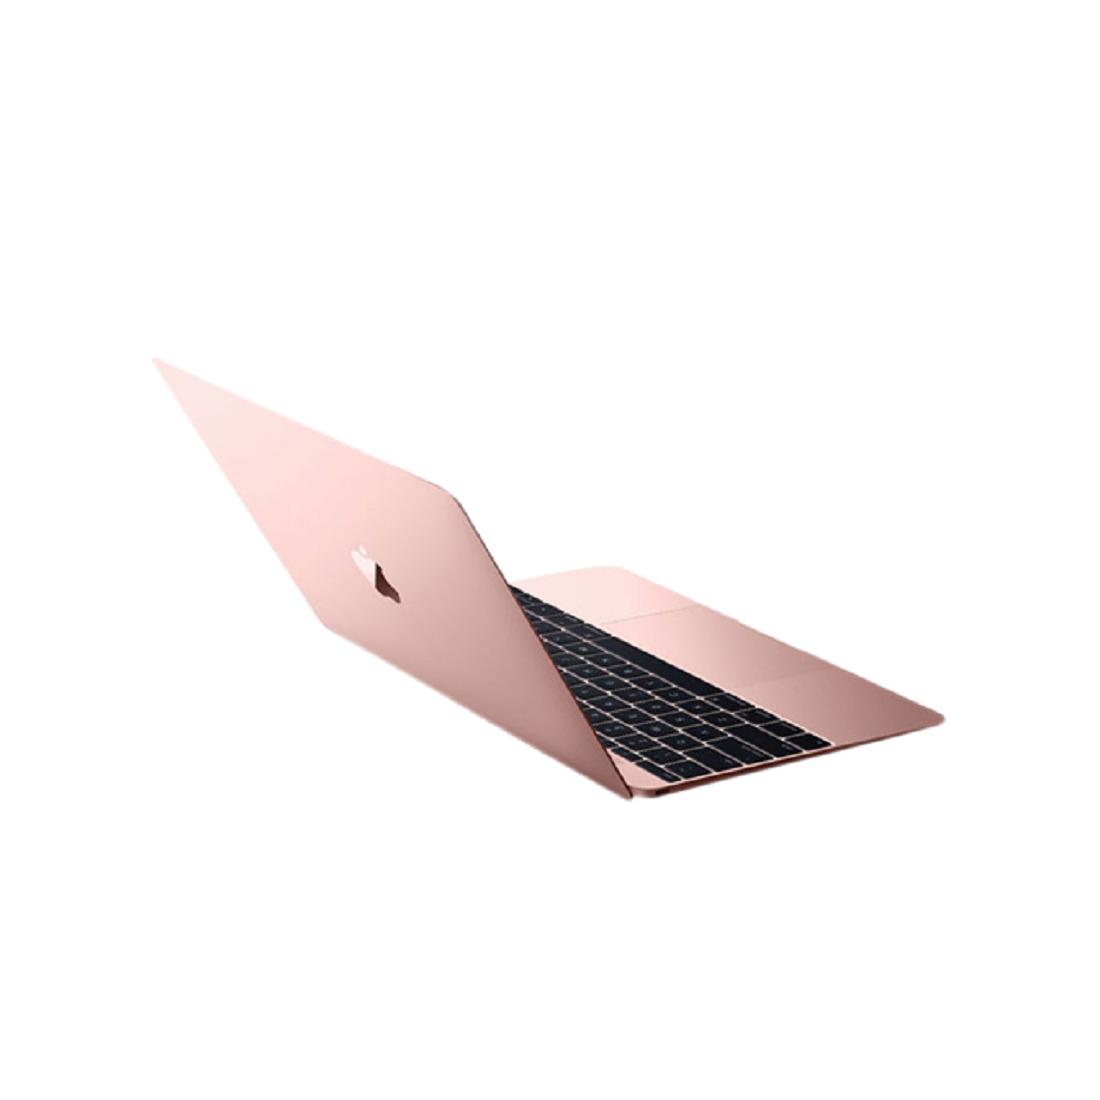 Máy xách tay/ Laptop MacBook 12″ MNYM2 (Vàng hồng)-Thế giới đồ